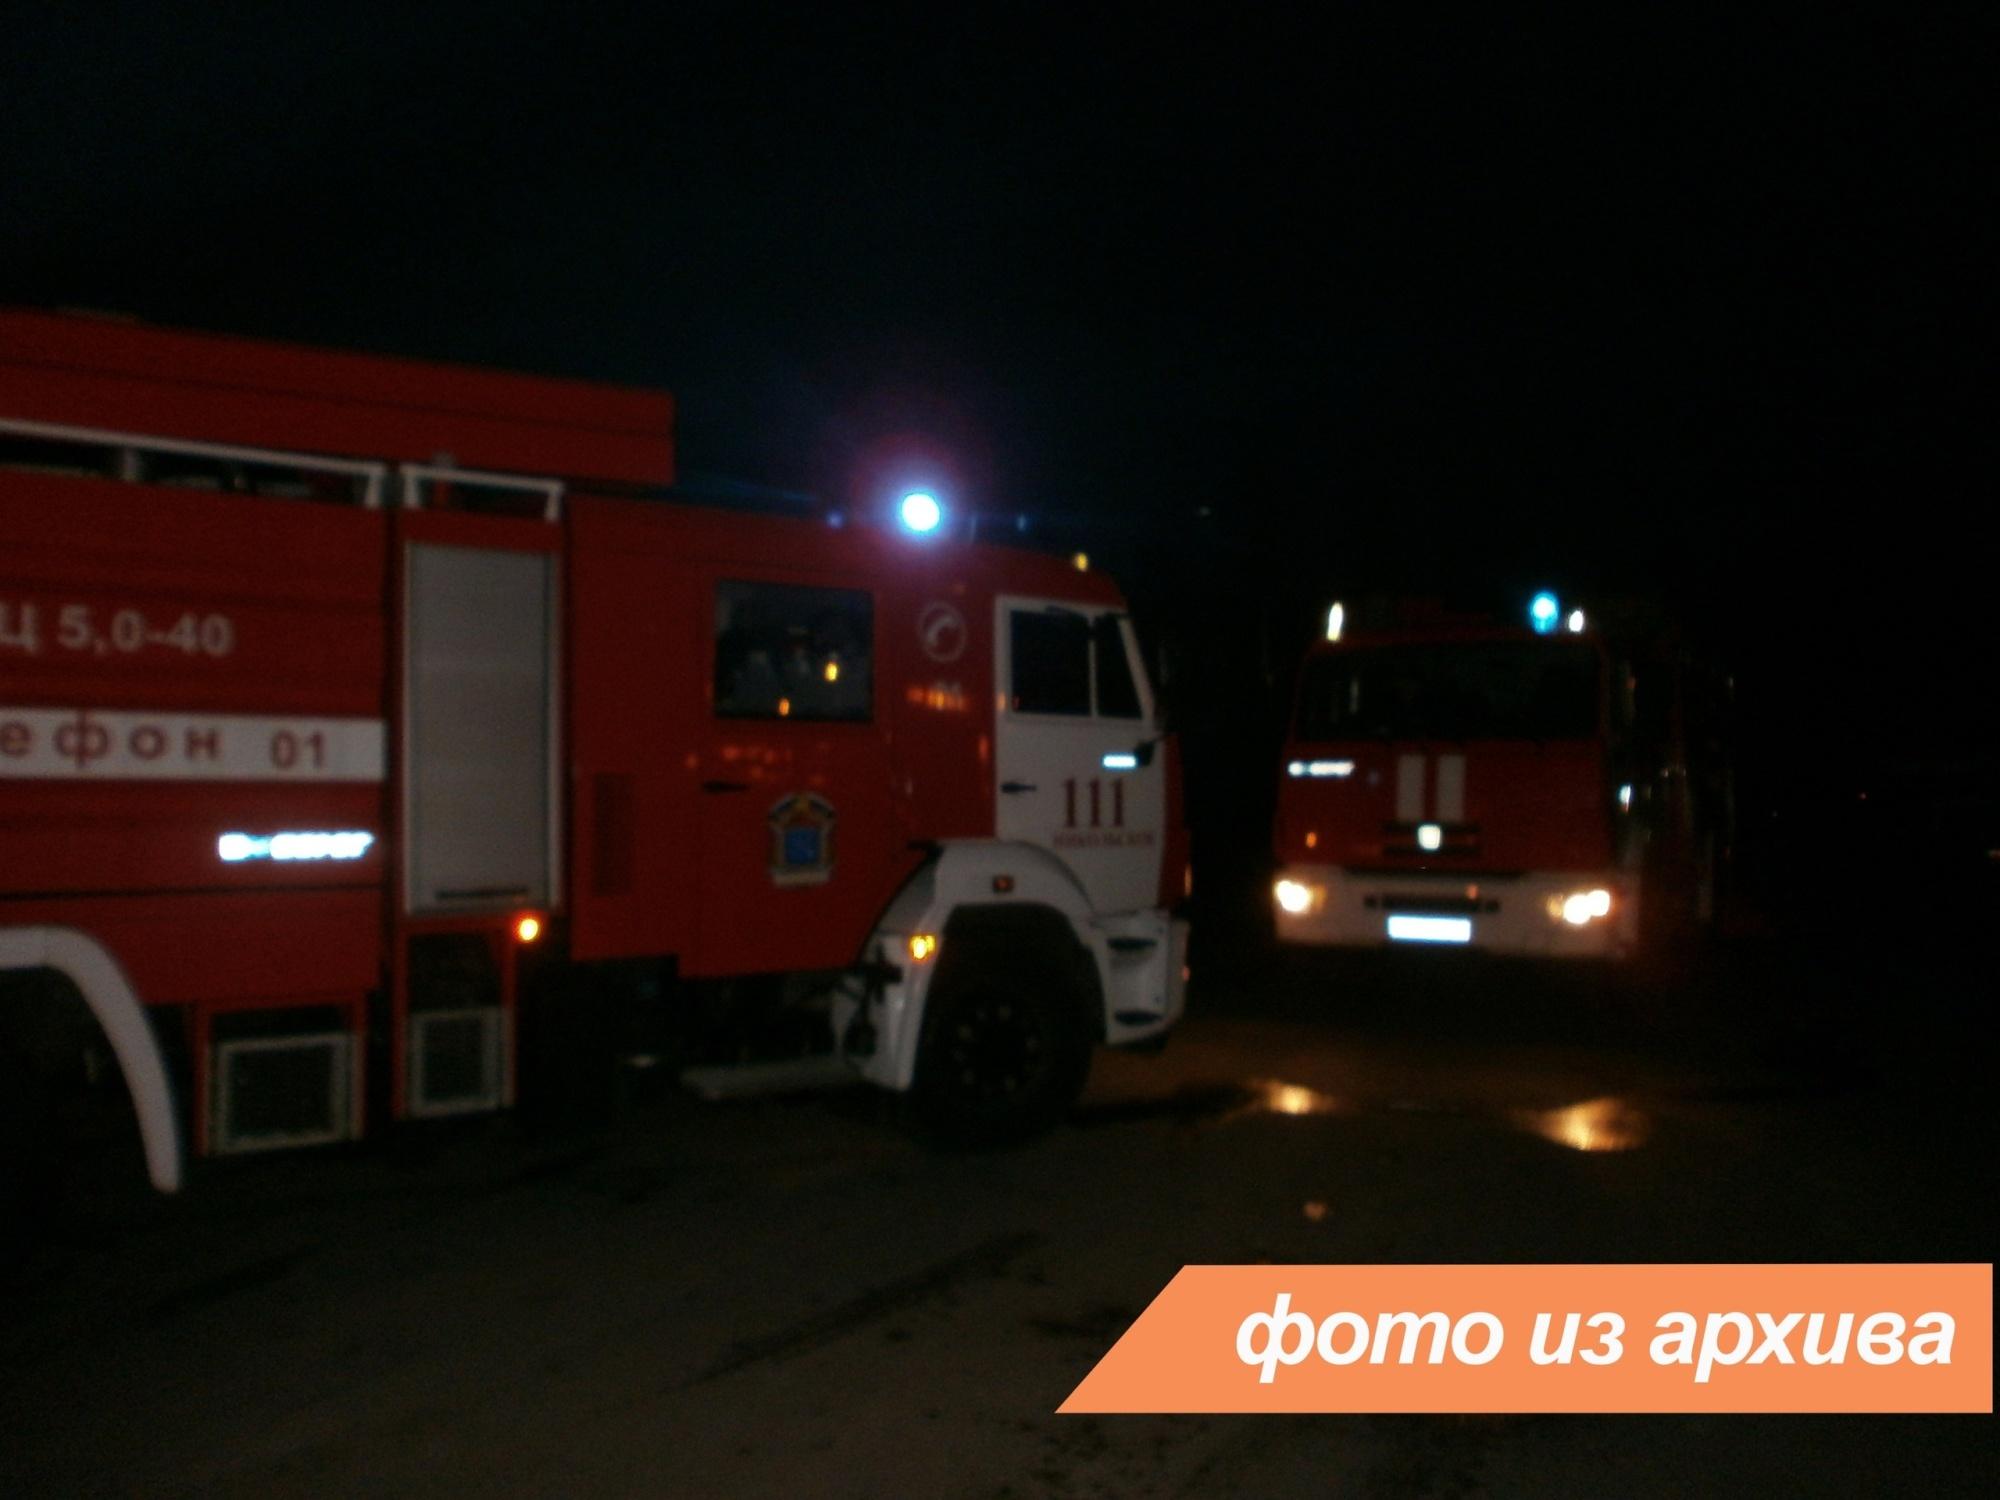 Пожарно-спасательное подразделение Ленинградской области ликвидировало пожар в г. Лодейное поле